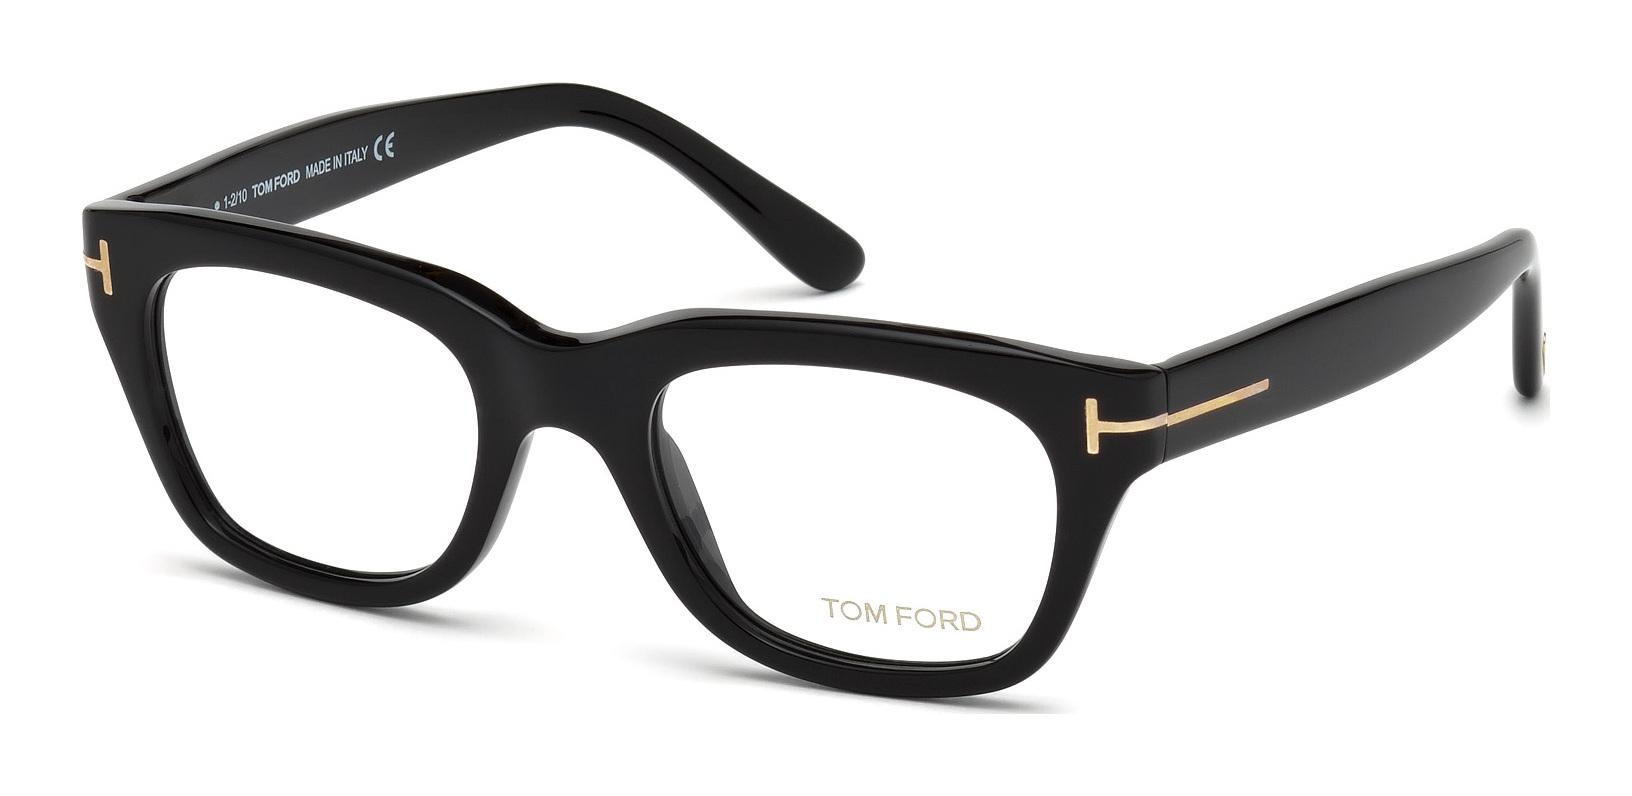 Tom Ford FT5178